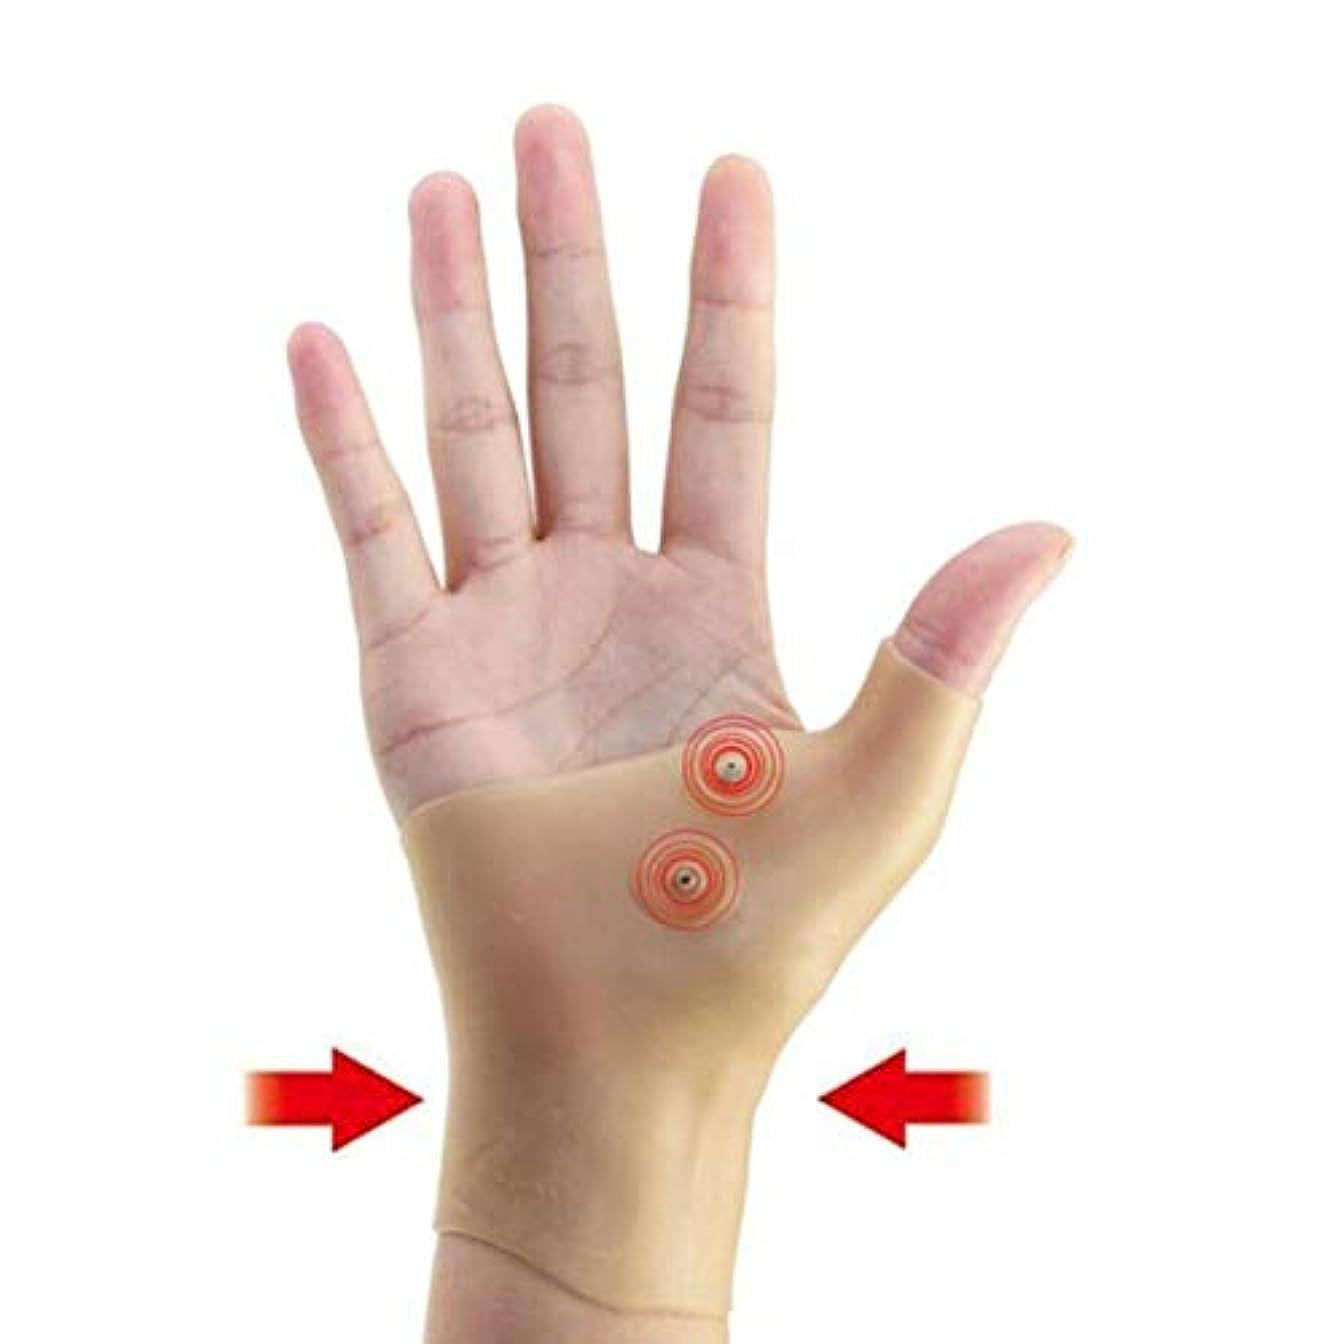 臨検慣性確率磁気療法手首手親指サポート手袋シリコーンゲル関節炎圧力矯正器マッサージ痛み緩和手袋 - 肌の色